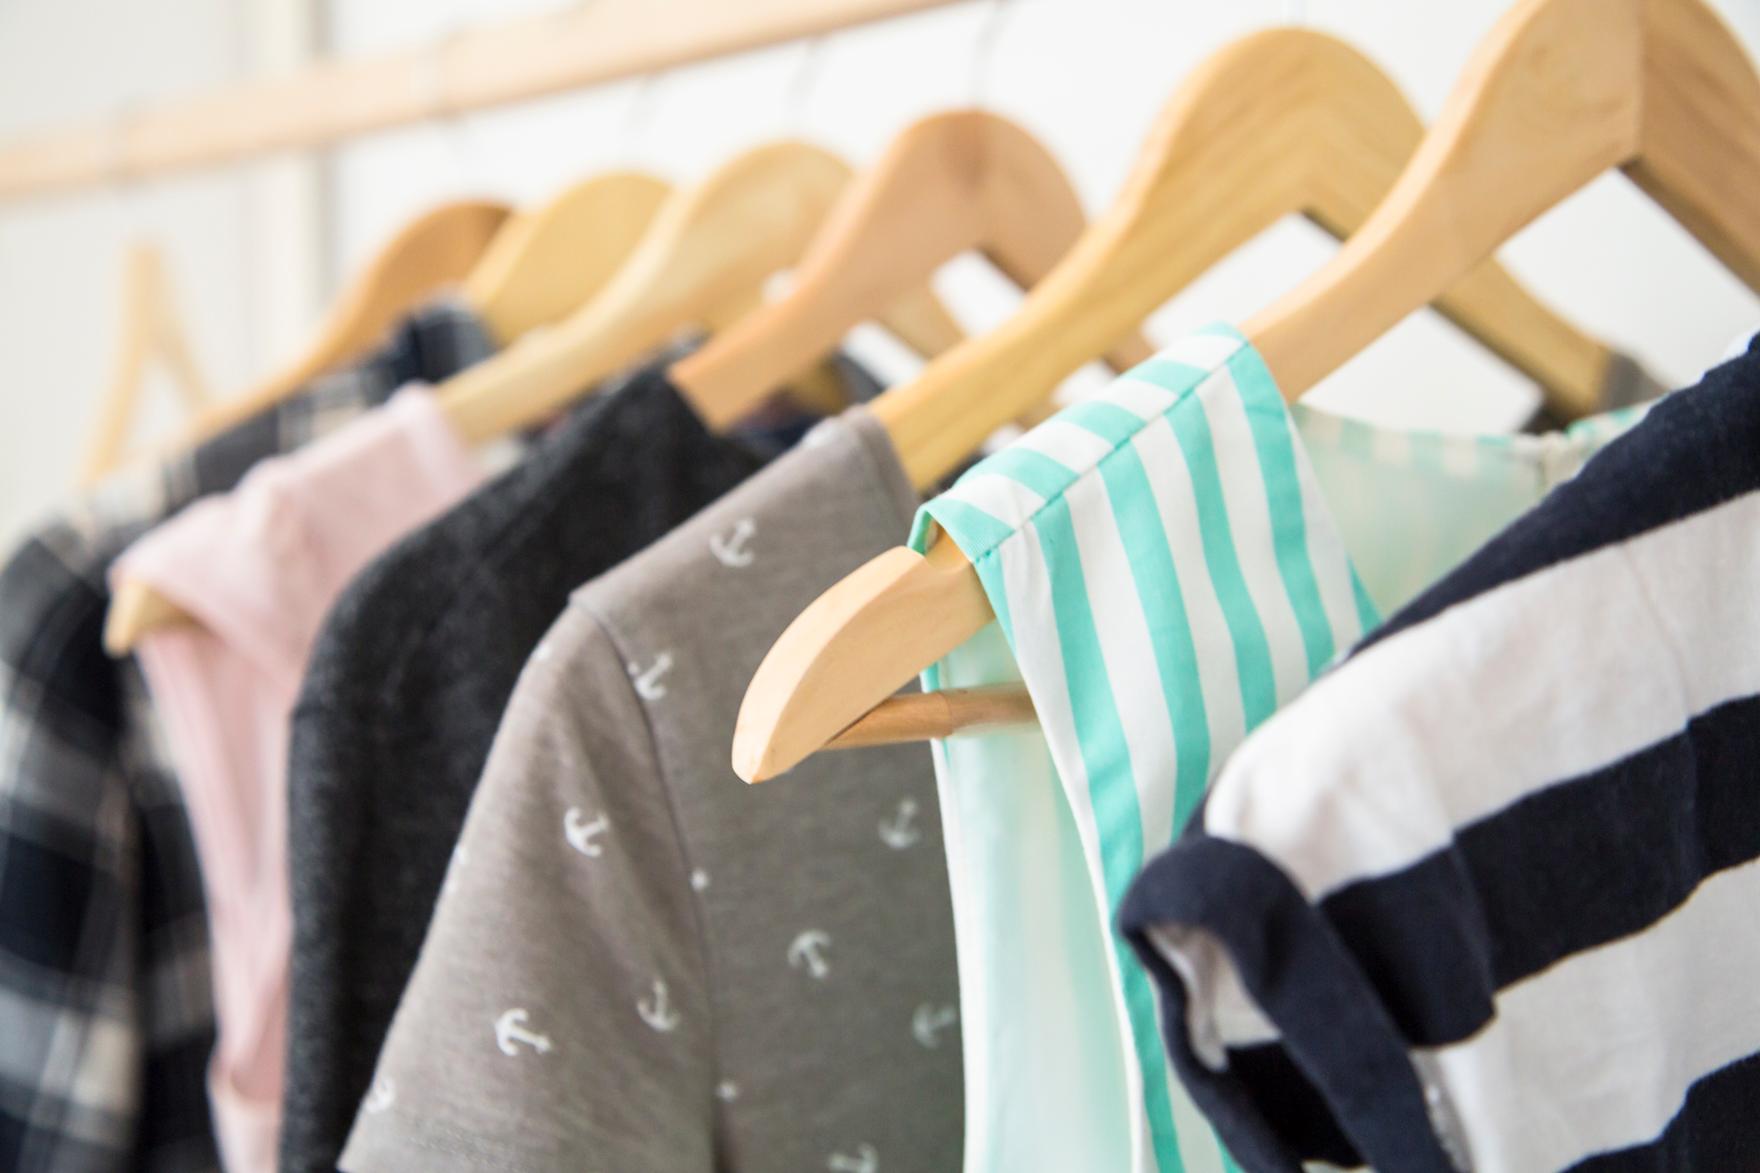 Vamos de organização? Dicas de como organizar as roupas em um armário pequeno.